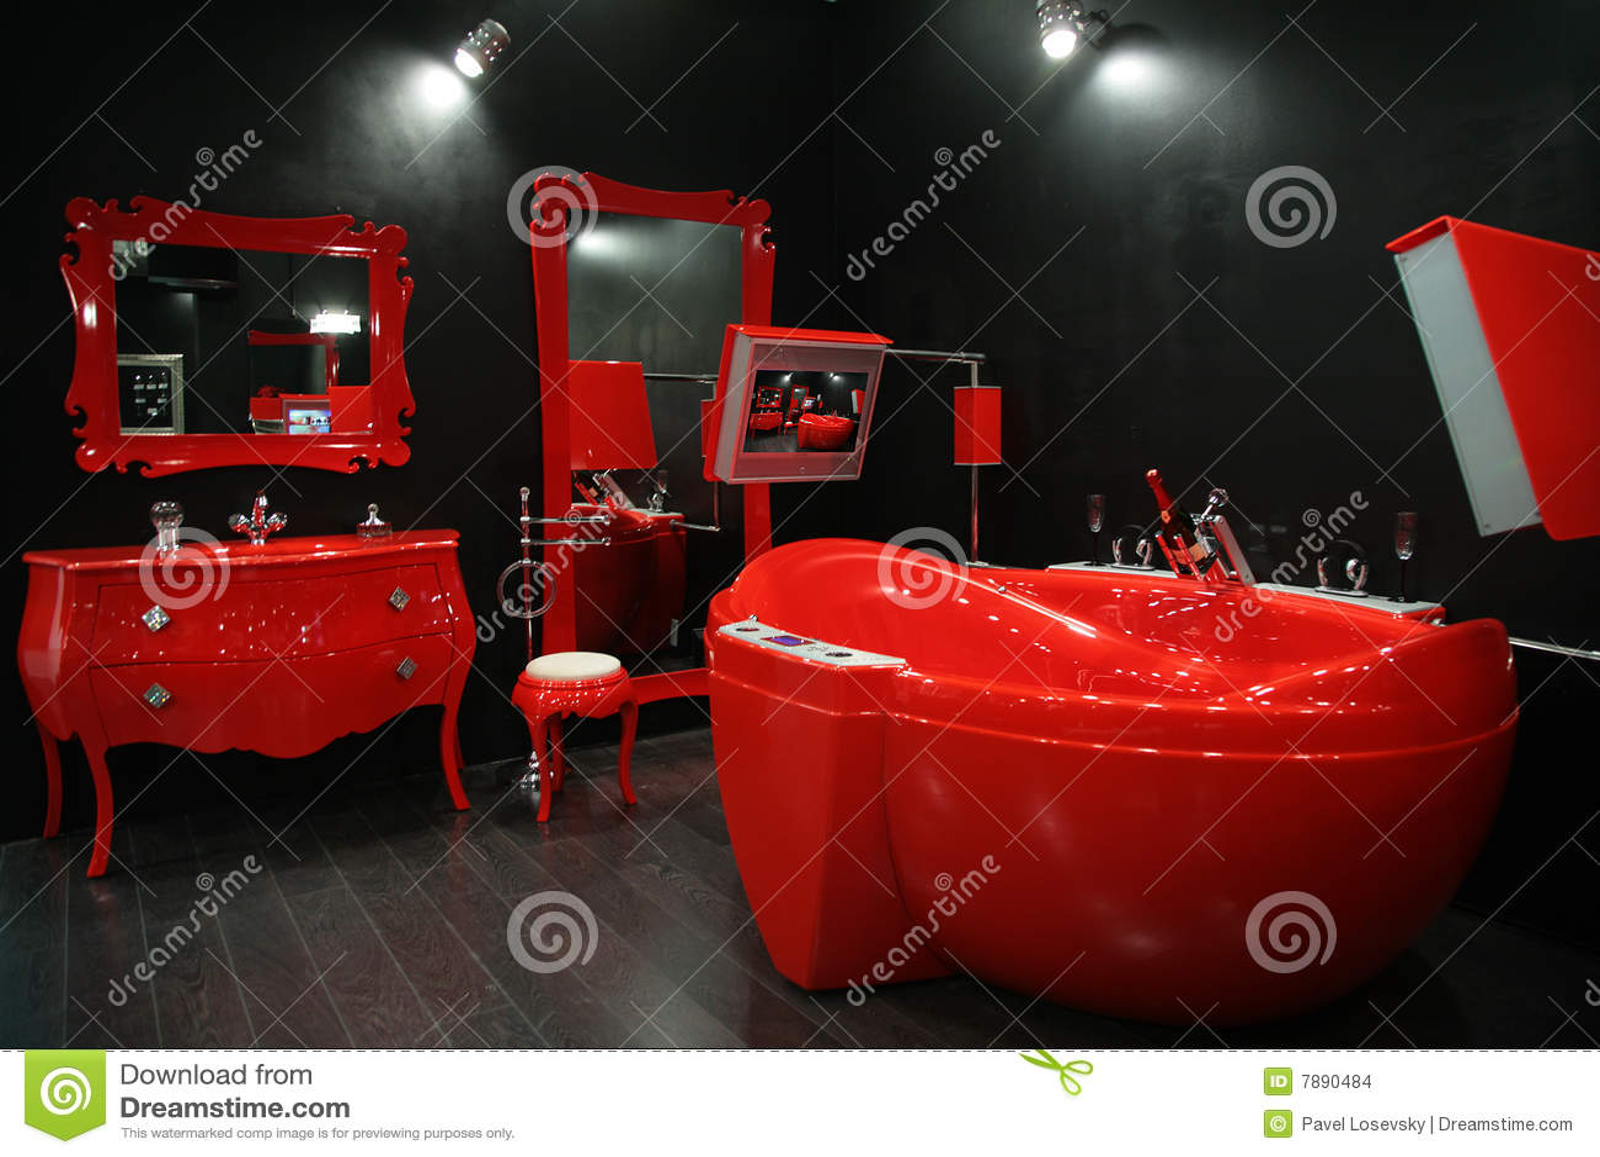 Imagens de Stock: Banheiro vermelho fresco #860F0B 1300 957